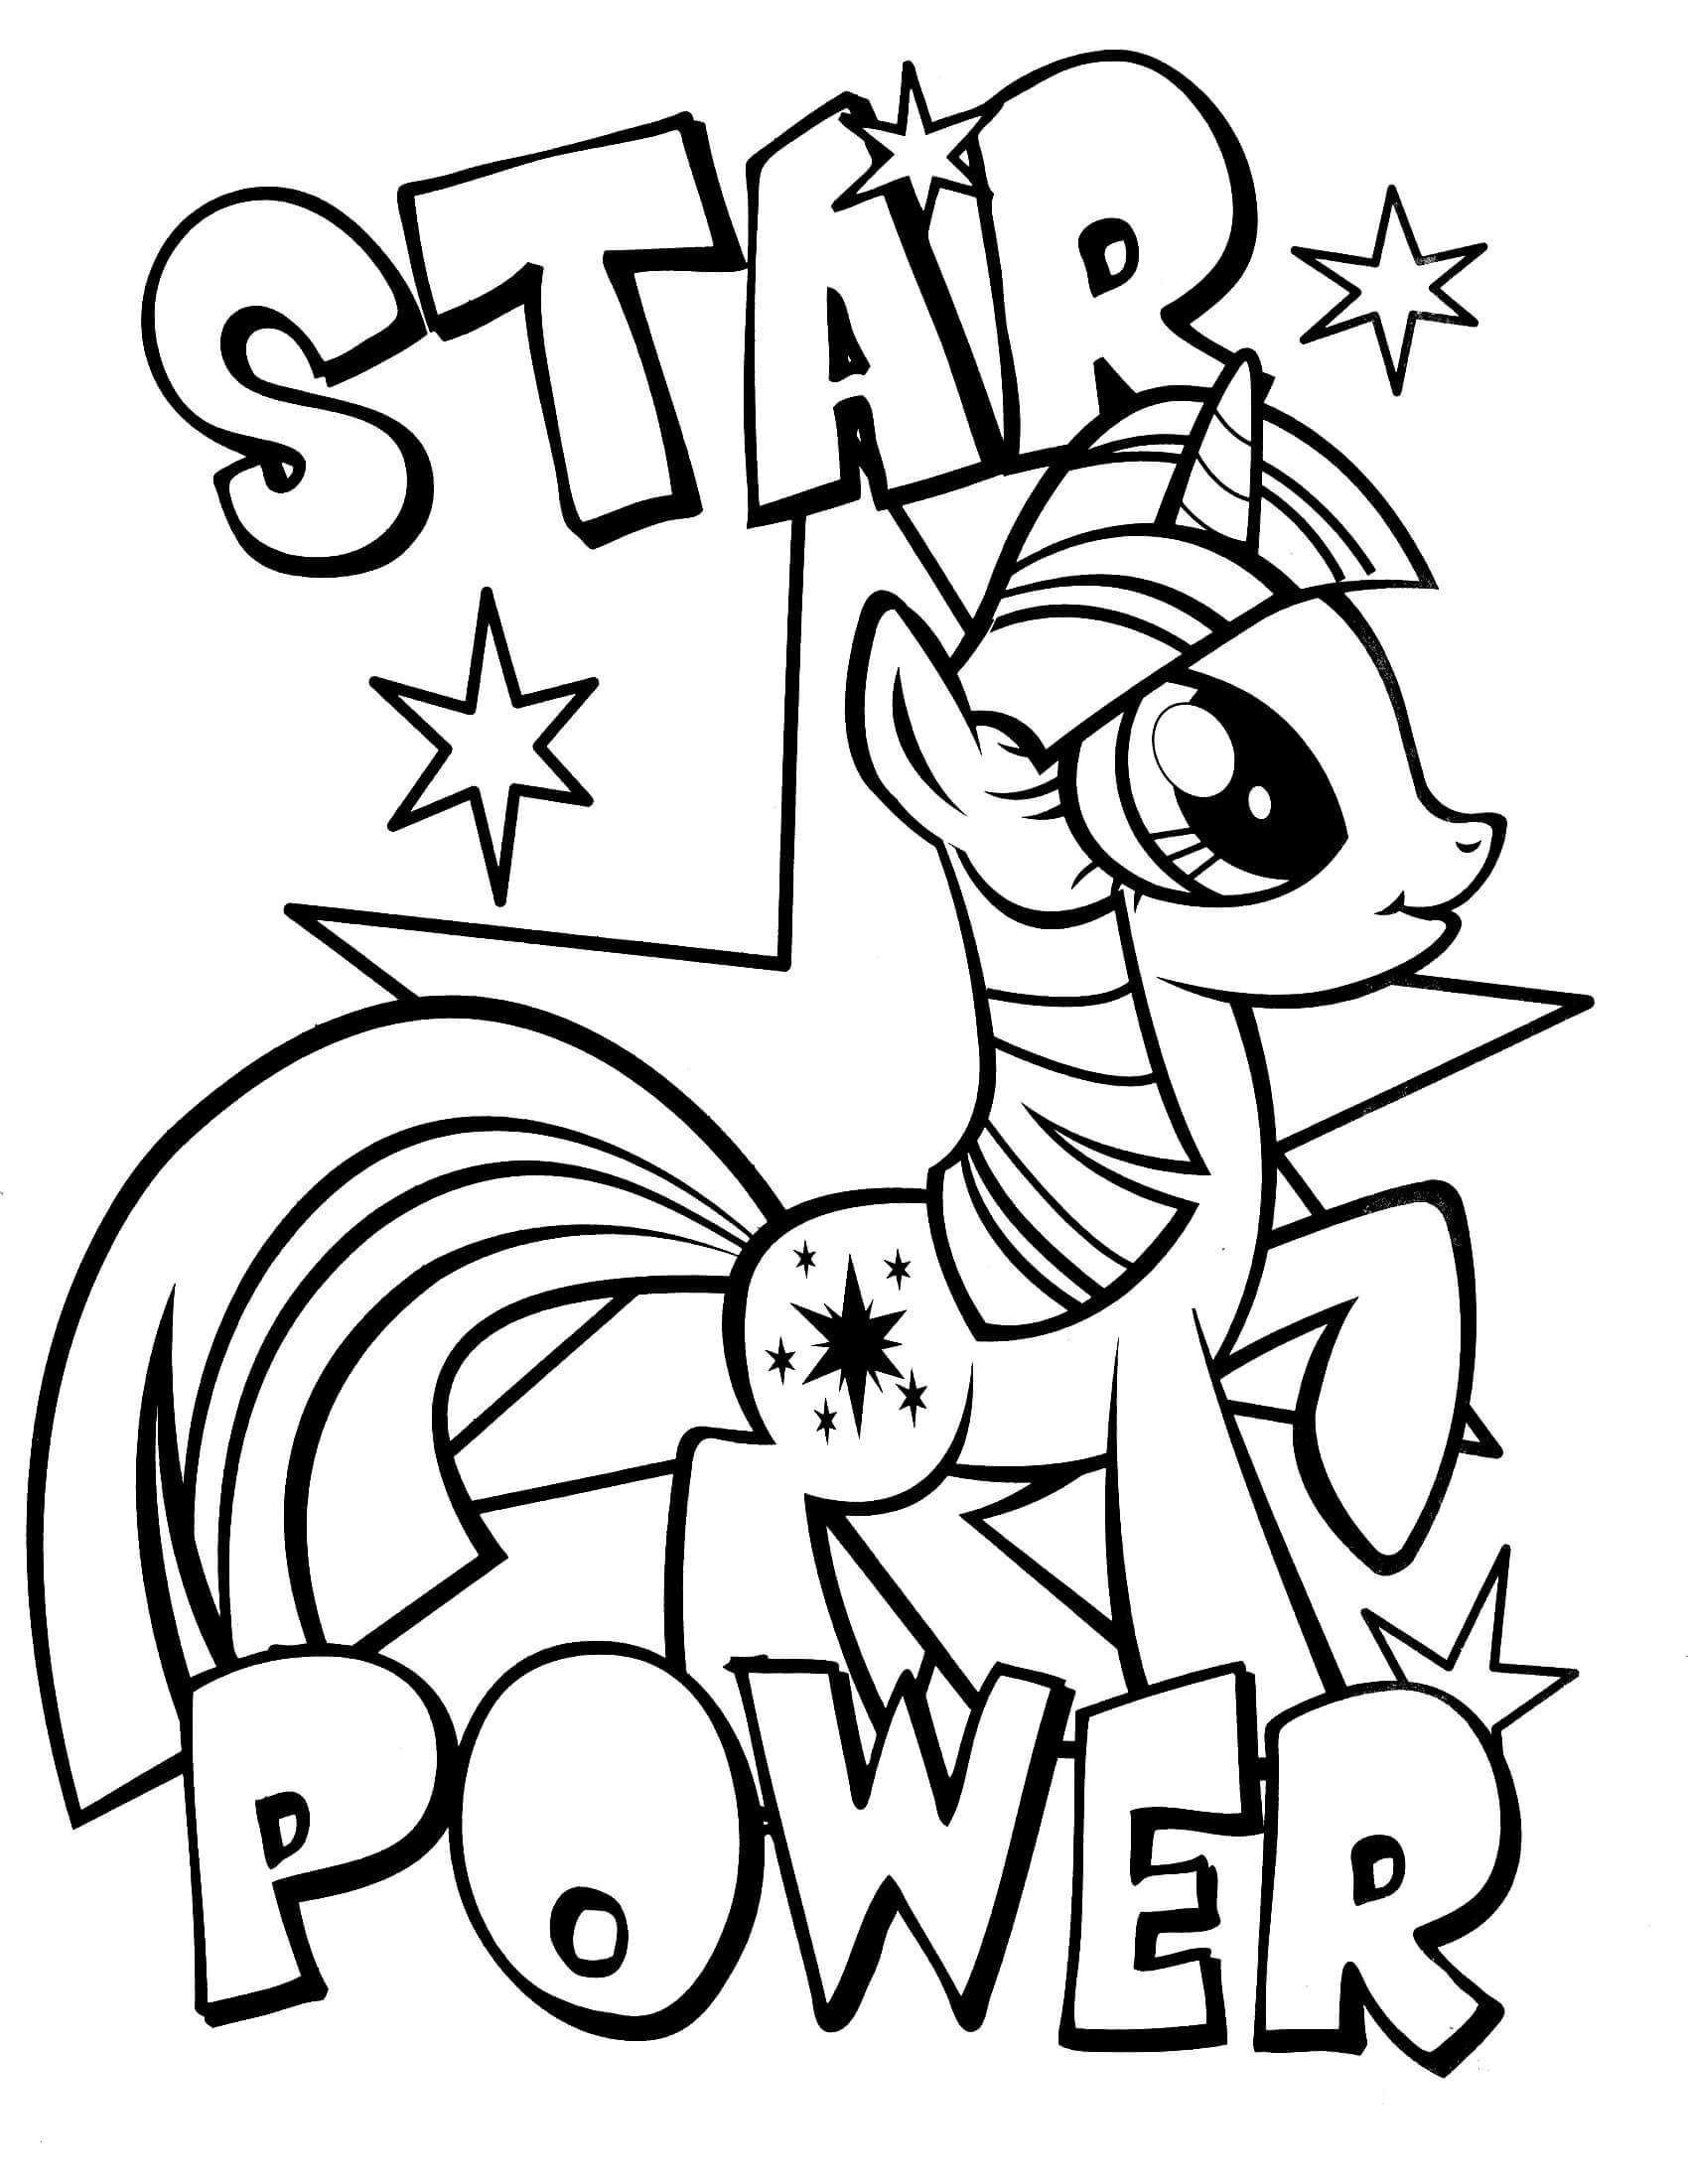 Malvorlagen My Little Pony Neu Ausmalbilder My Little Pony Prinzessin Cadance Elegant 28 Mlp Frisch Galerie